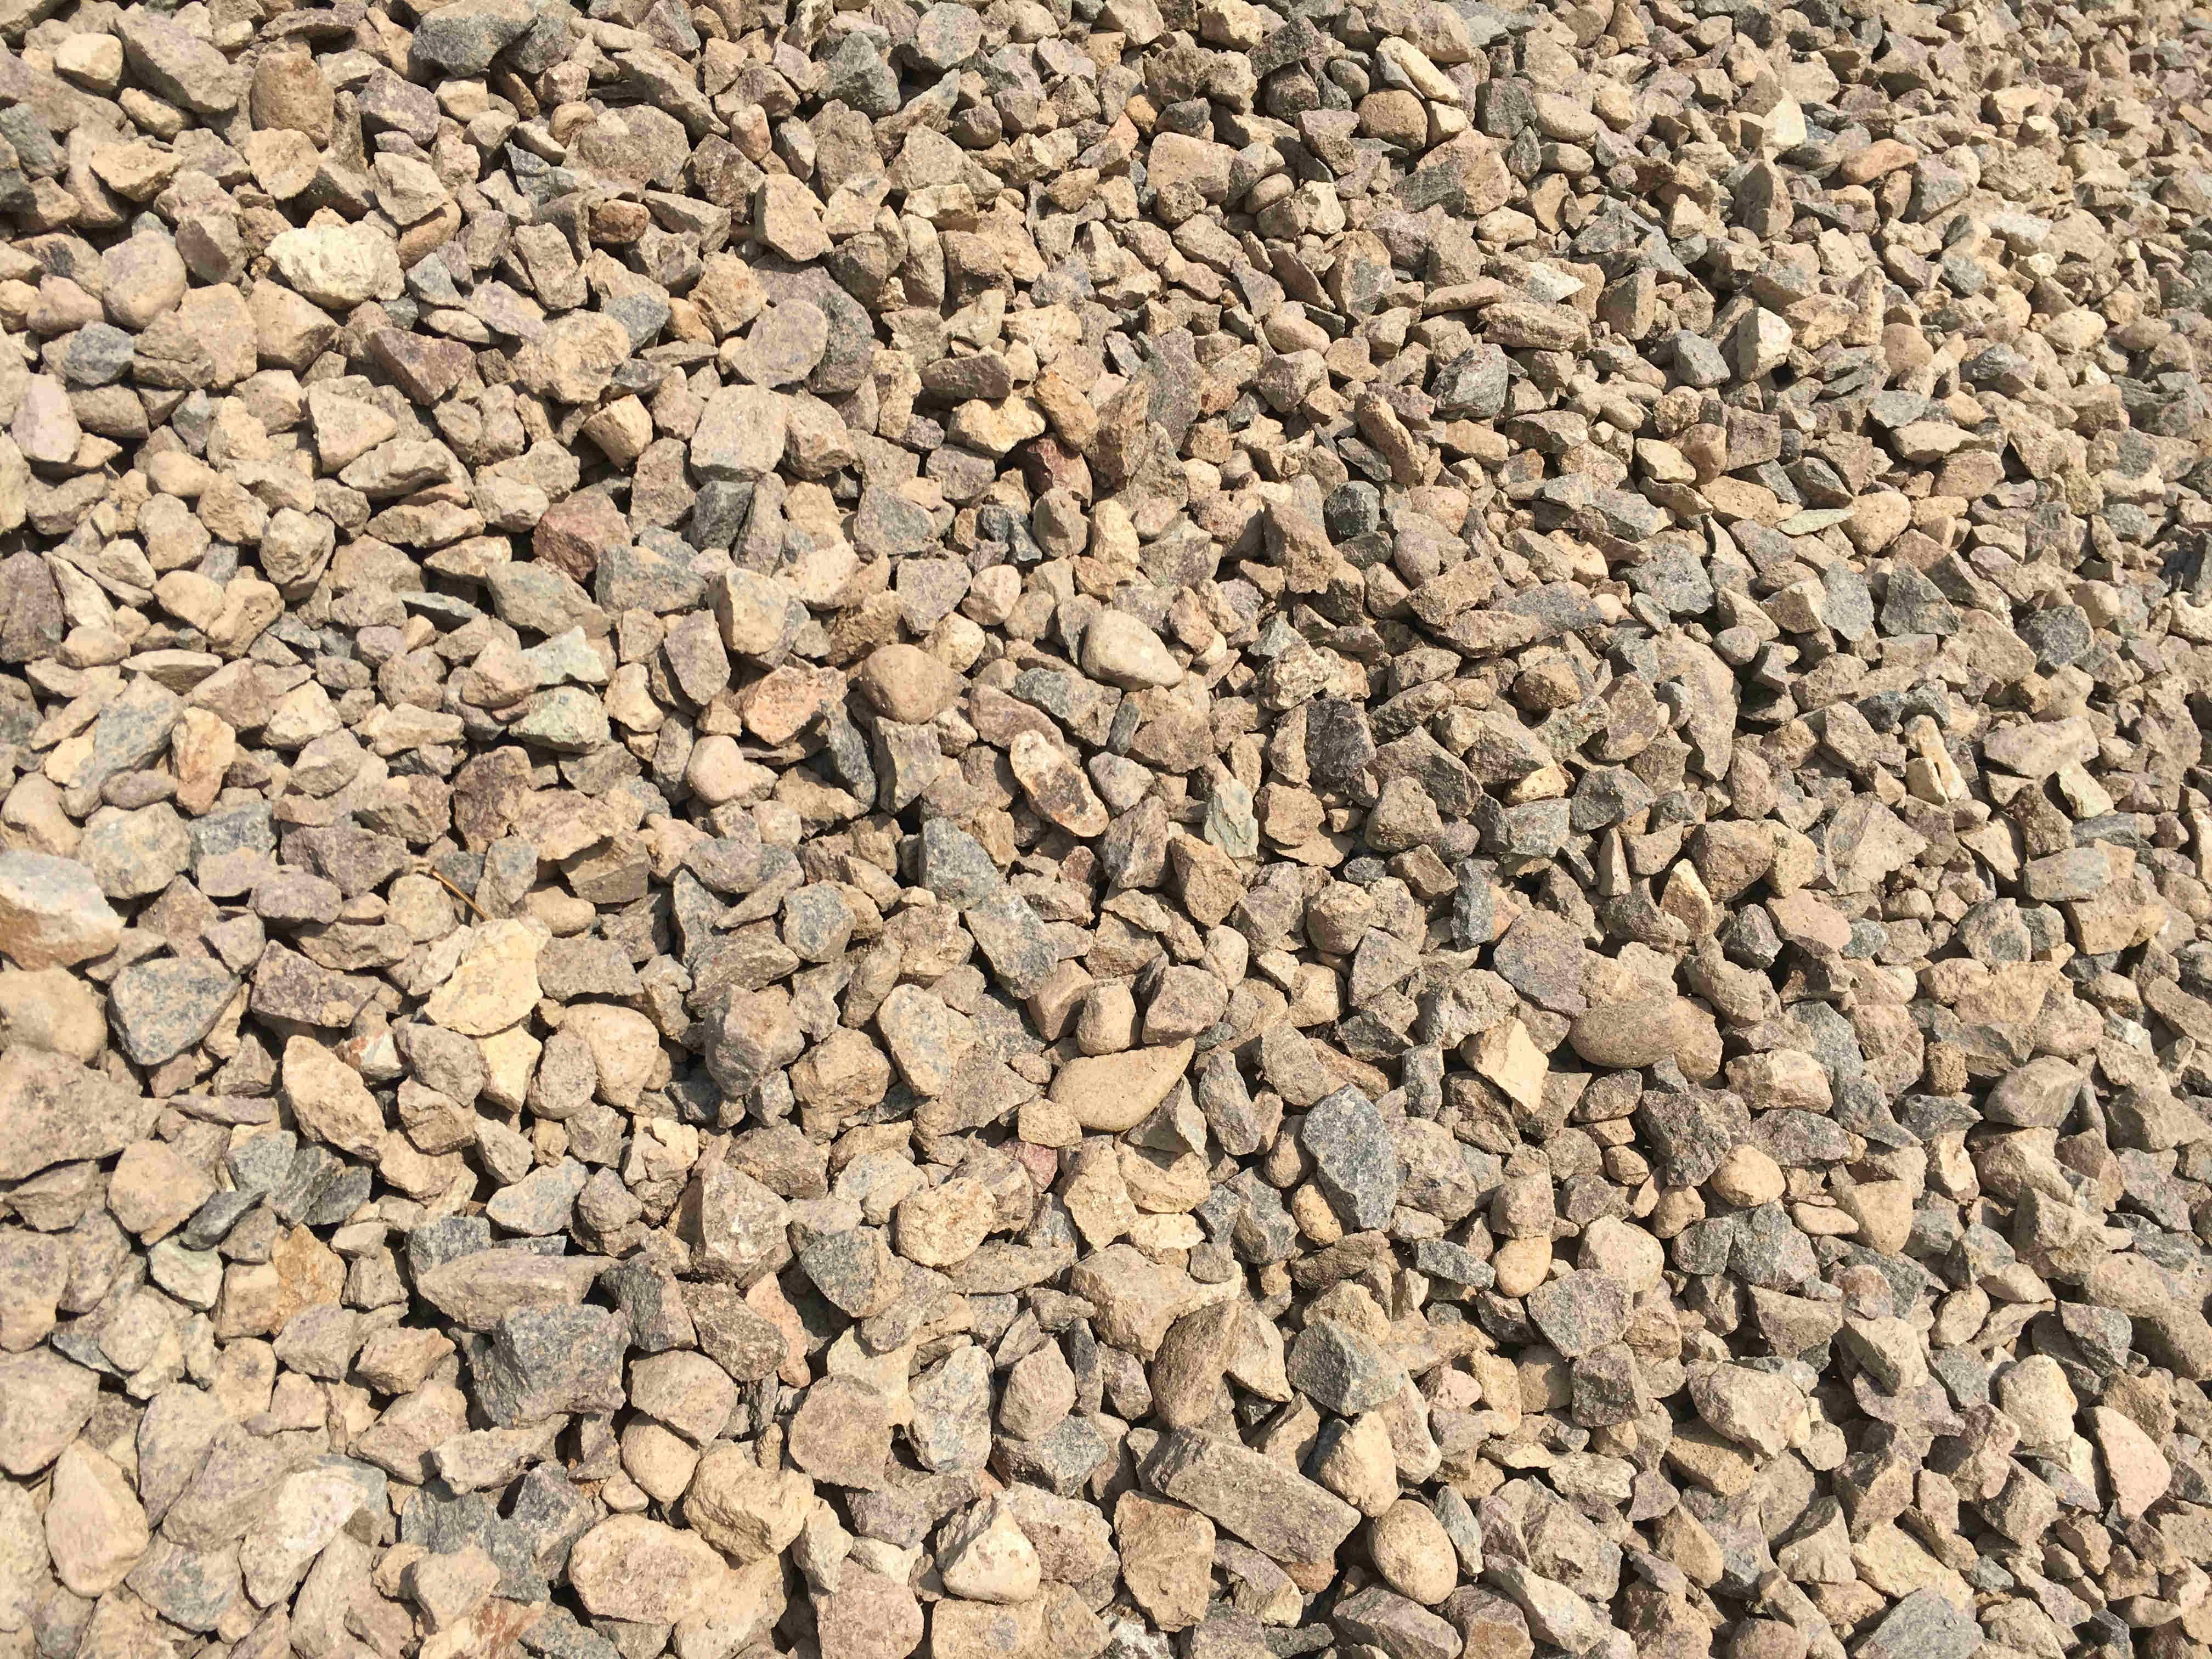 <b>【机制砂】劣质的机制砂不符合铁路的建设要求?高品质砂石骨料加工的流程有</b>